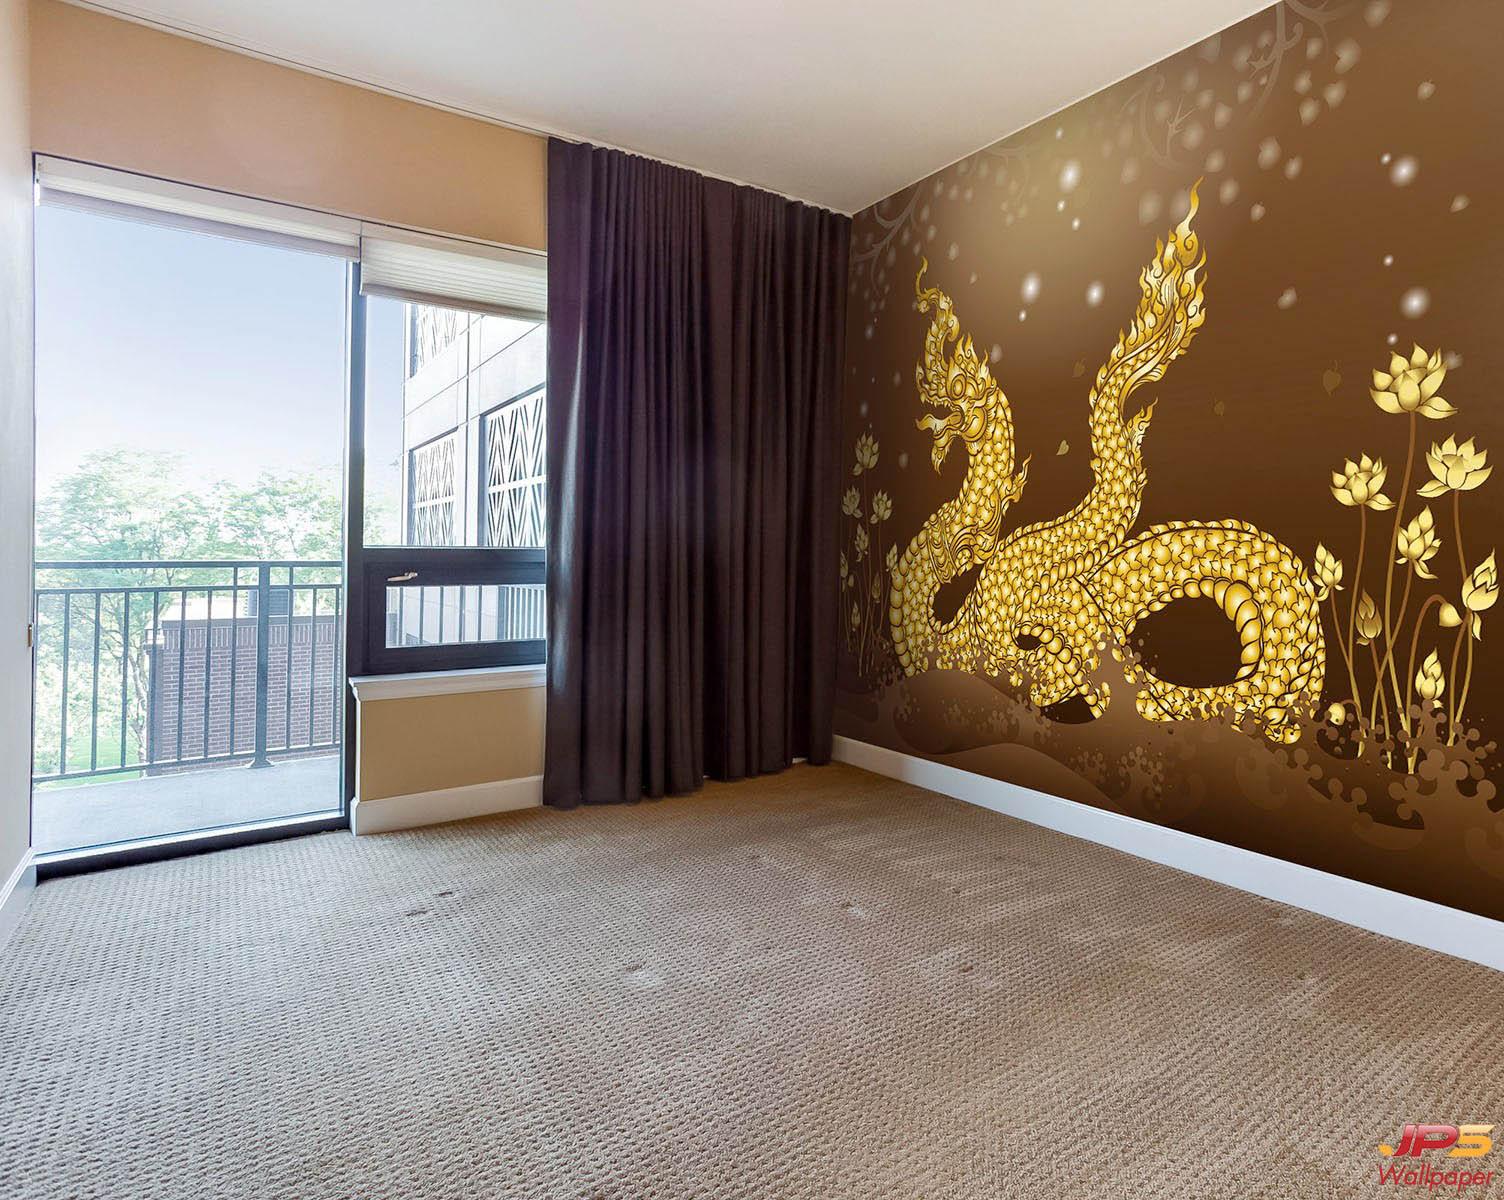 muralbuddhistdragon5